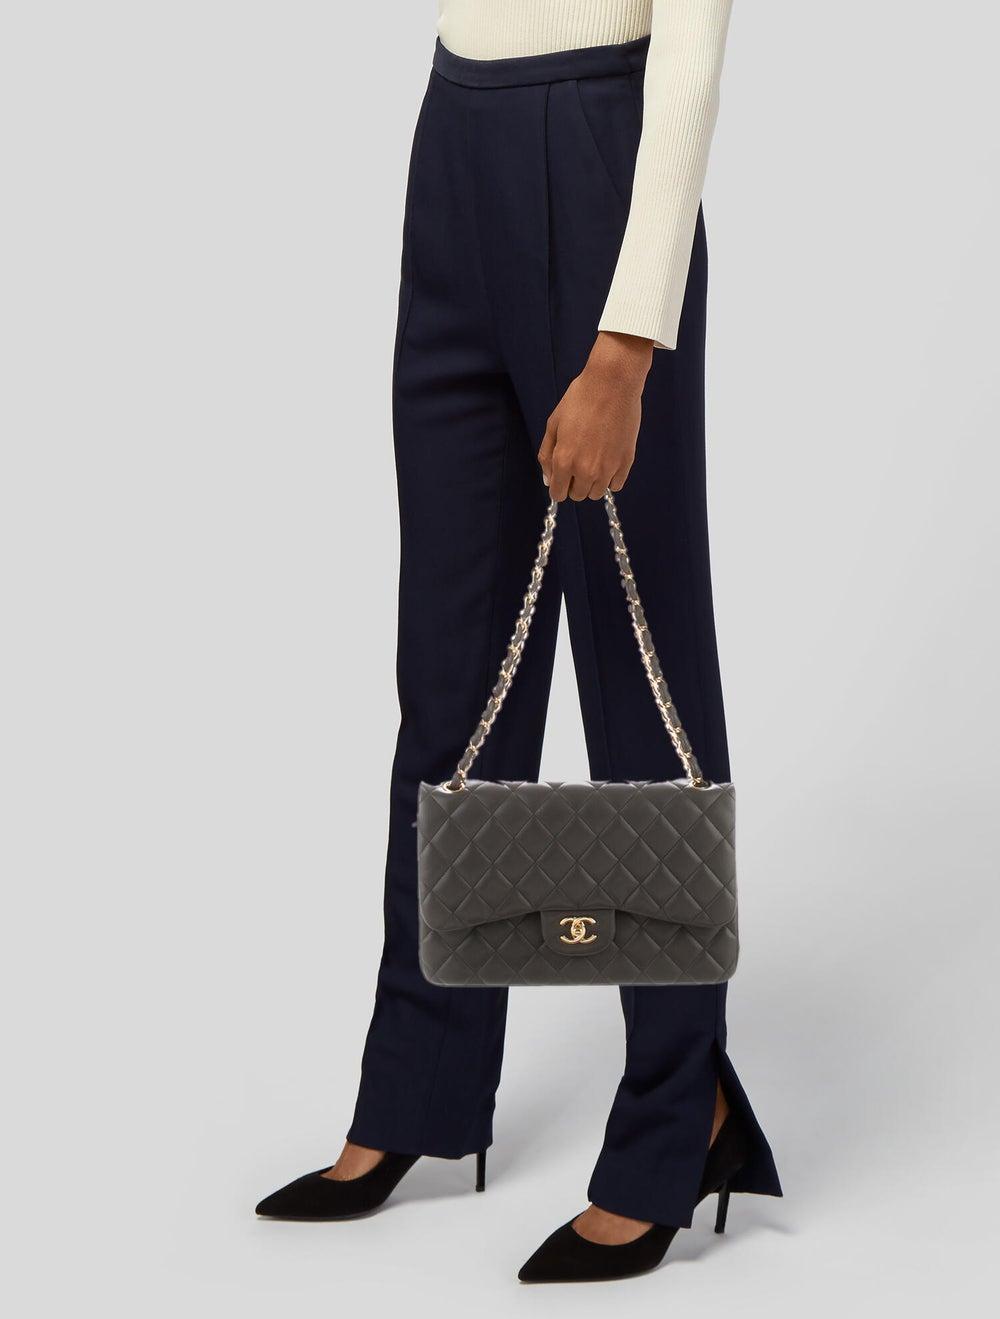 Chanel Classic Jumbo Double Flap Bag Grey - image 2